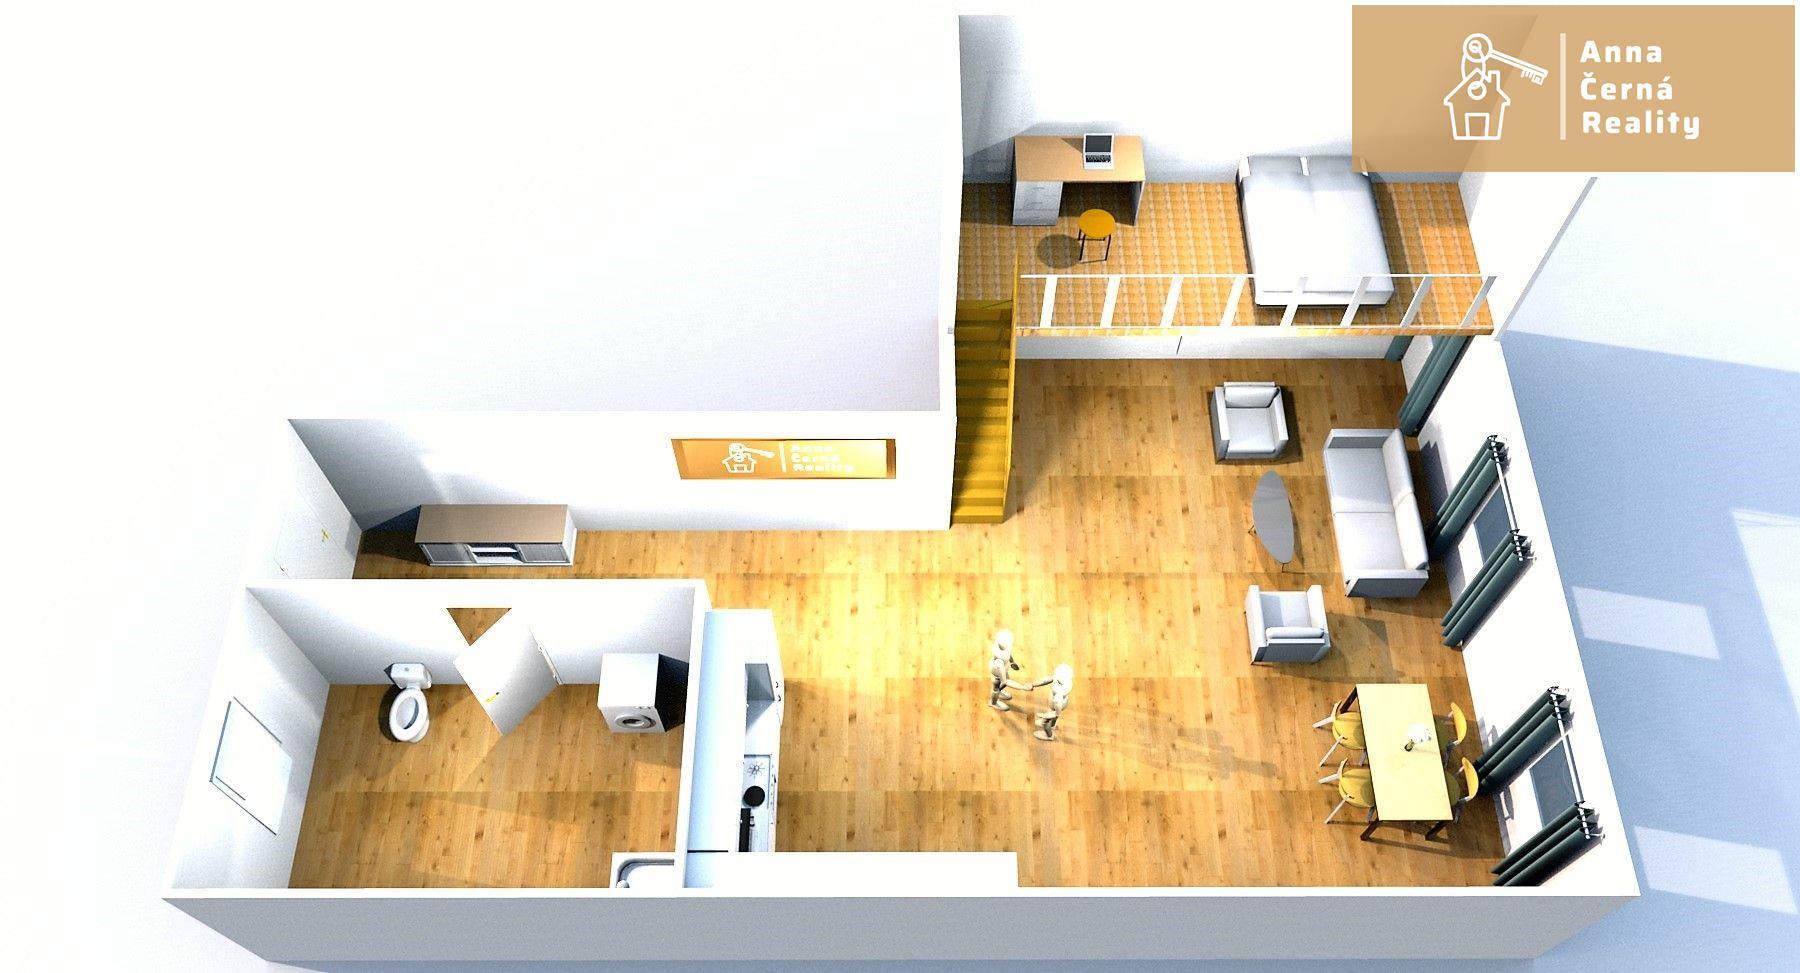 Pronájem krásného půdního bytu 82 m2, Ústí nad Labem